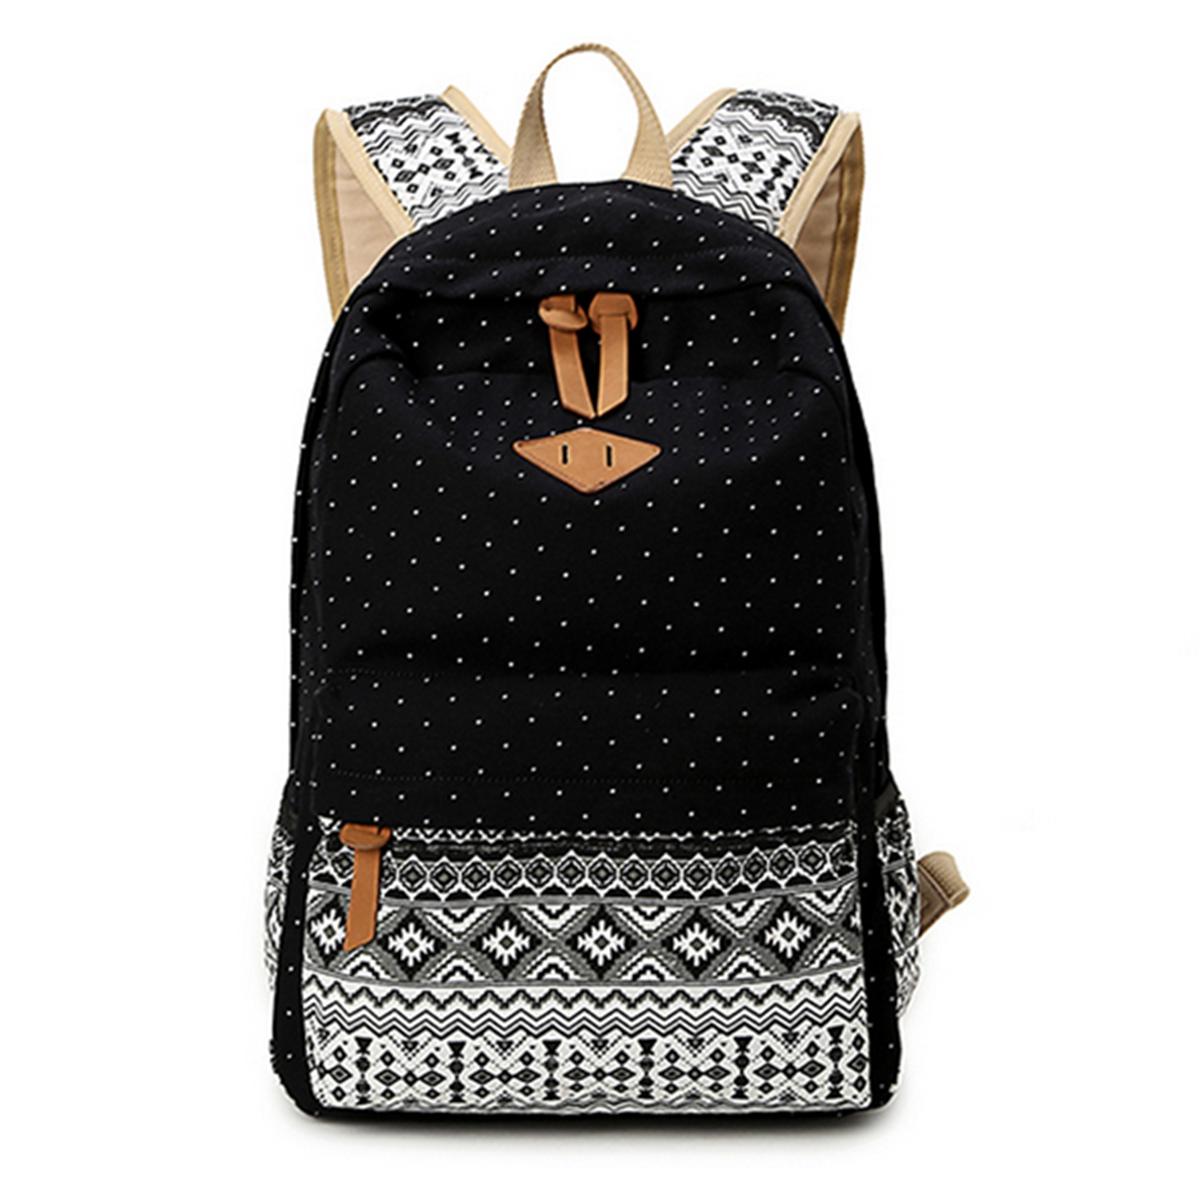 School bag for girl - New Ladies Girls Canvas Vintage Backpack Rucksack College Shoulder School Bag Uk Ebay